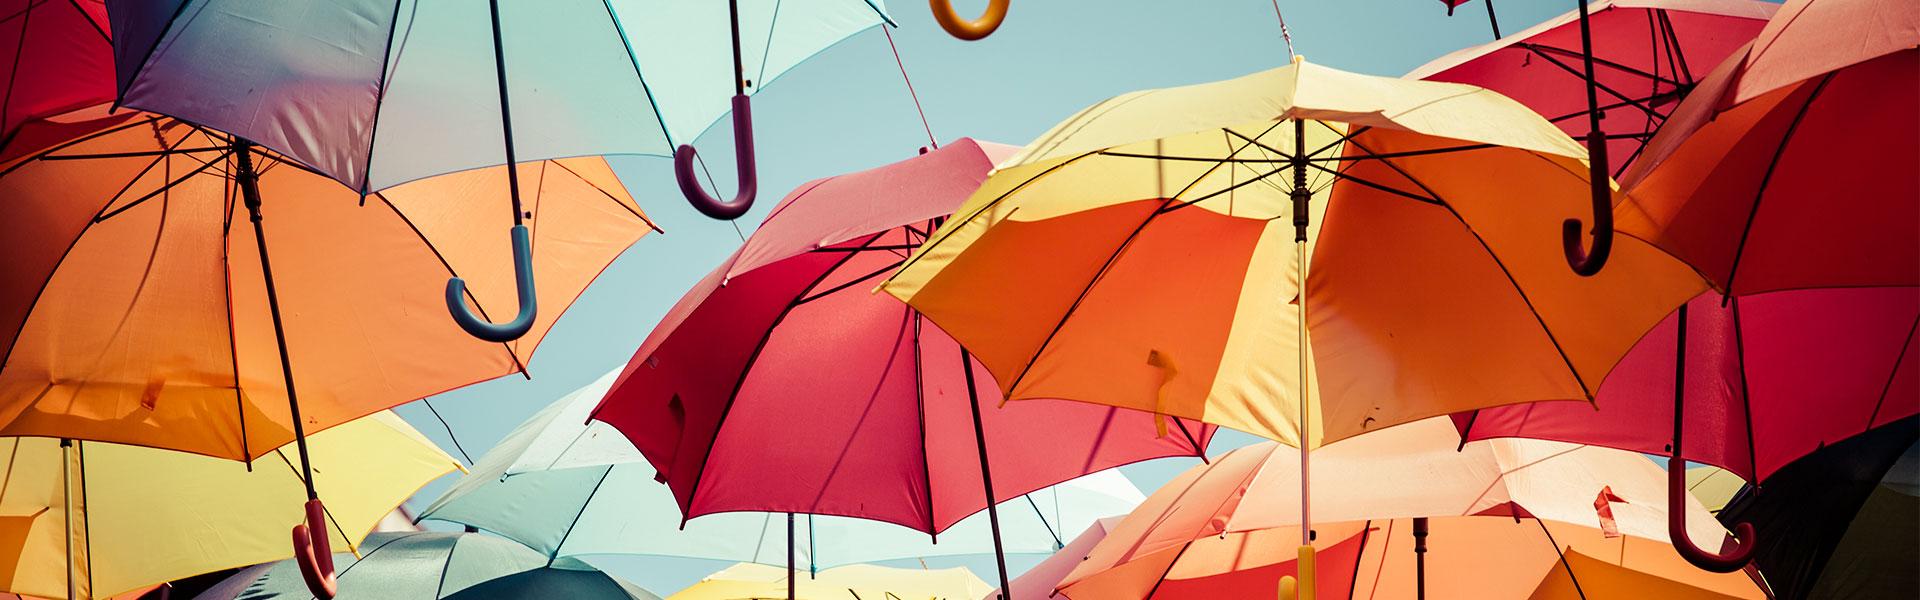 Are you using the right umbrella?